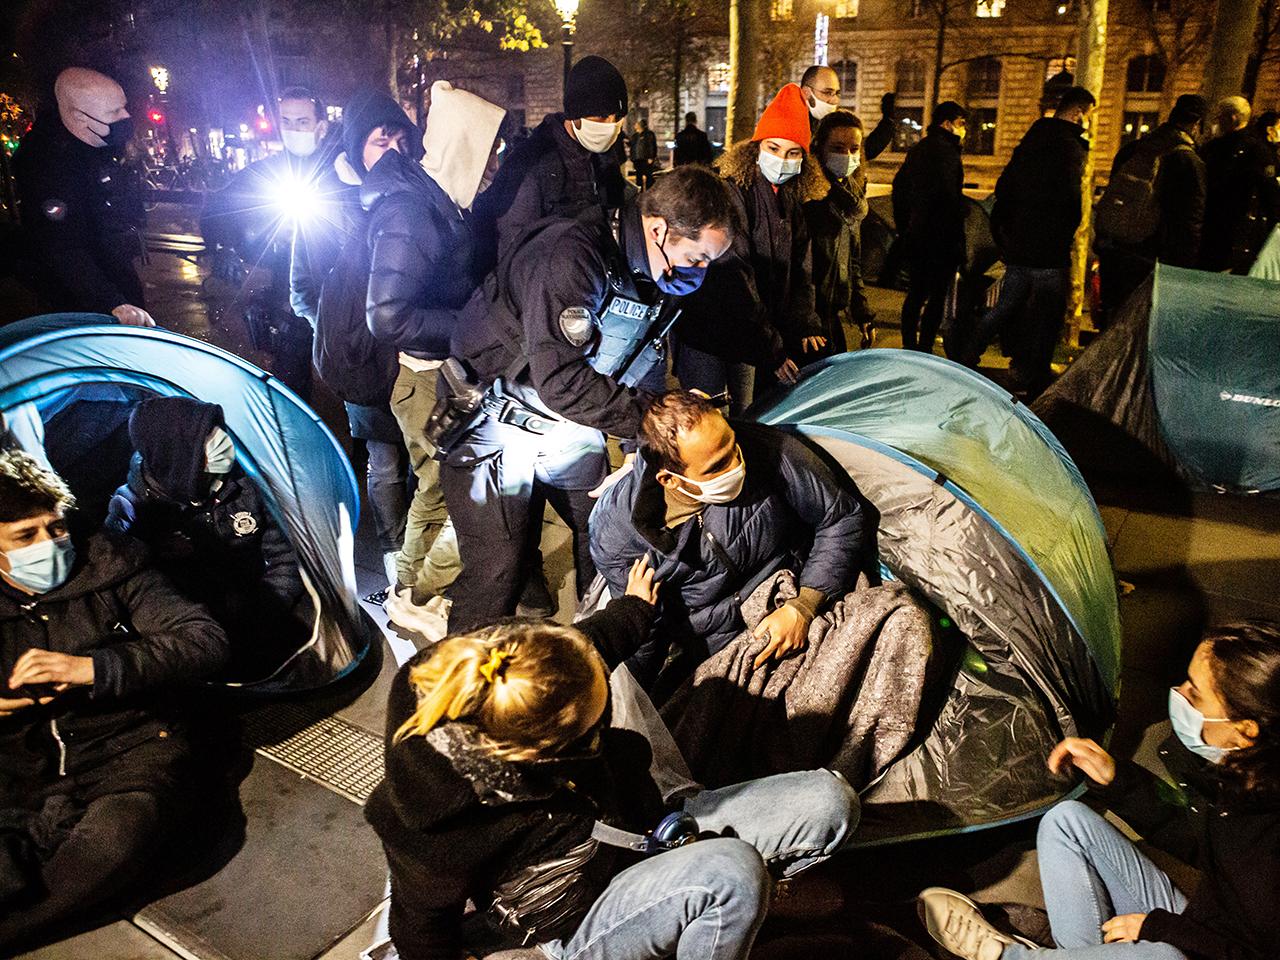 Campement de migrants démantelé: « scandaleux », selon Berger et Martinez